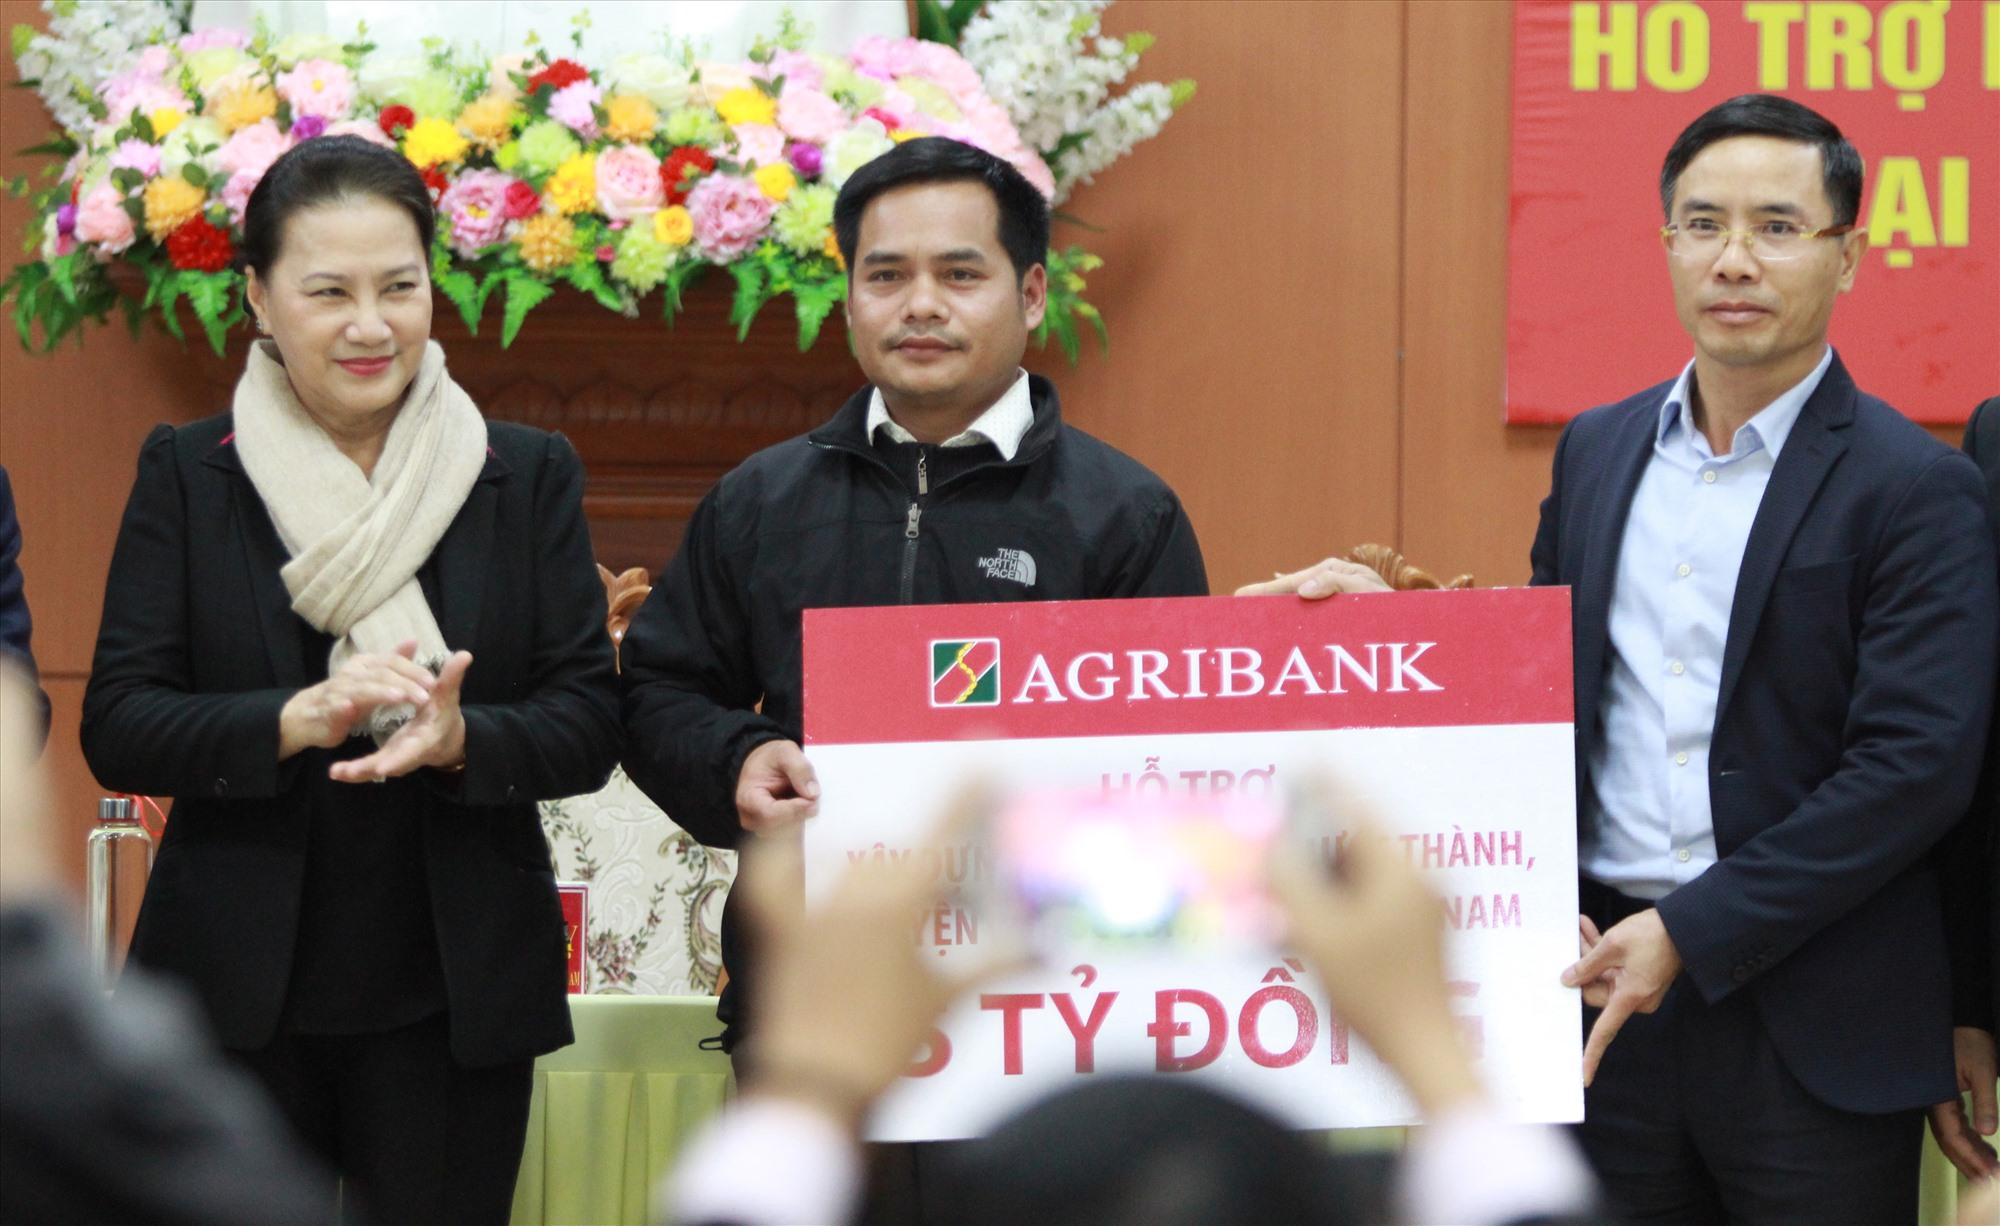 Đại diện Ngân hàng Nông nghiệp và Phát triển Nông thôn hỗ trợ huyện Phước Sơn 5 tỷ đồng khắc phục hậu quả thiên tai. Ảnh: T.C